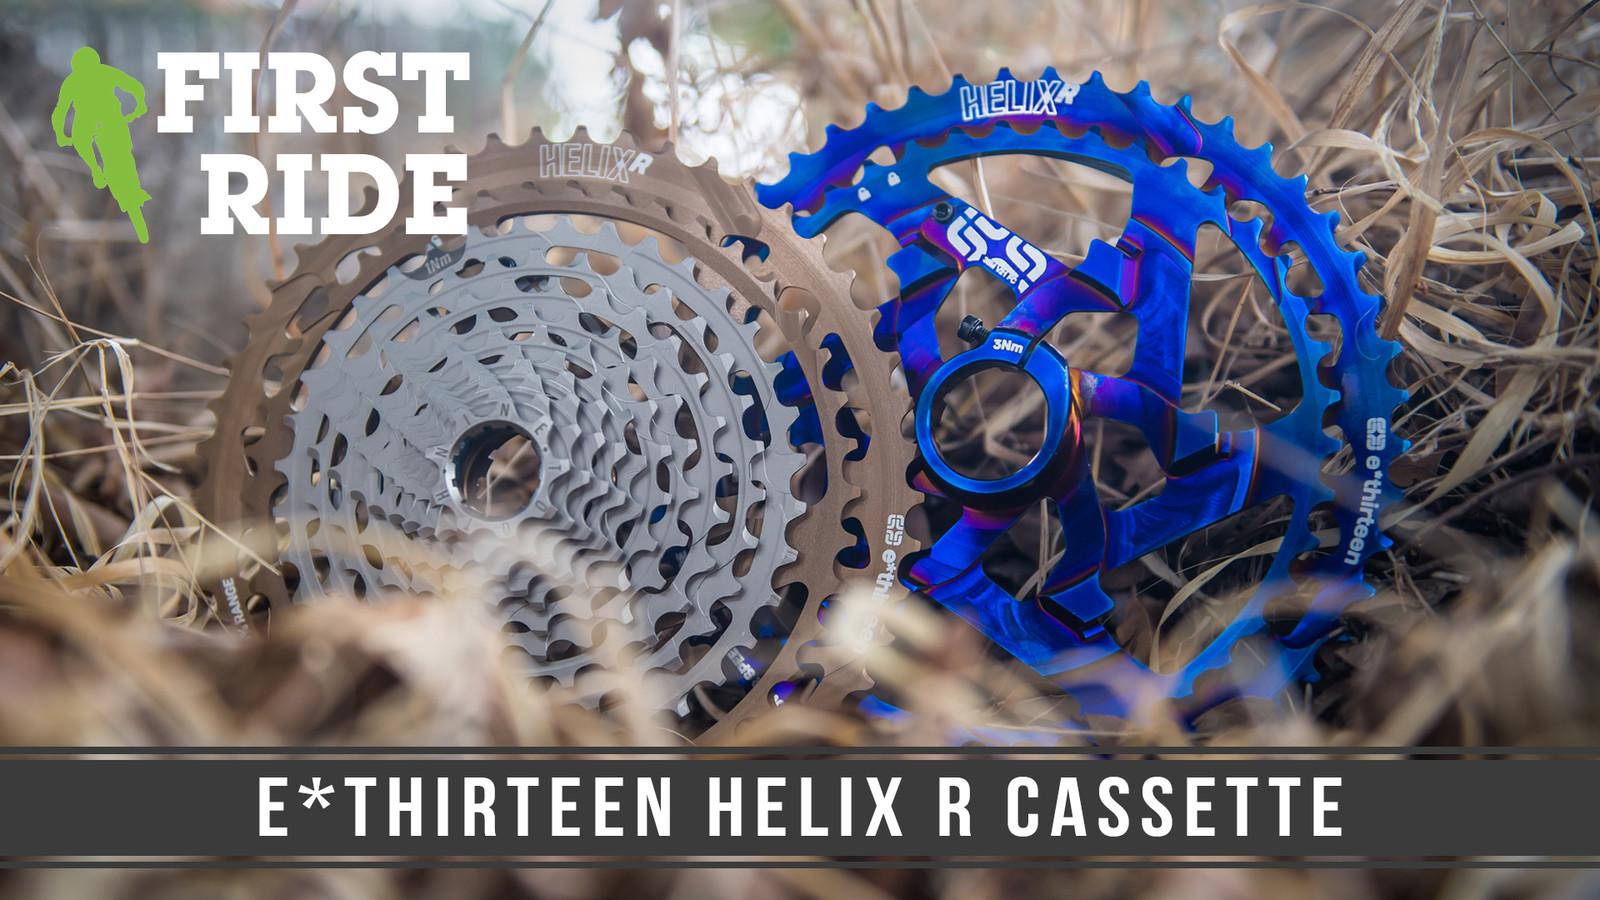 First Ride: E*thirteen Helix R Cassette – More Range, Less Weight